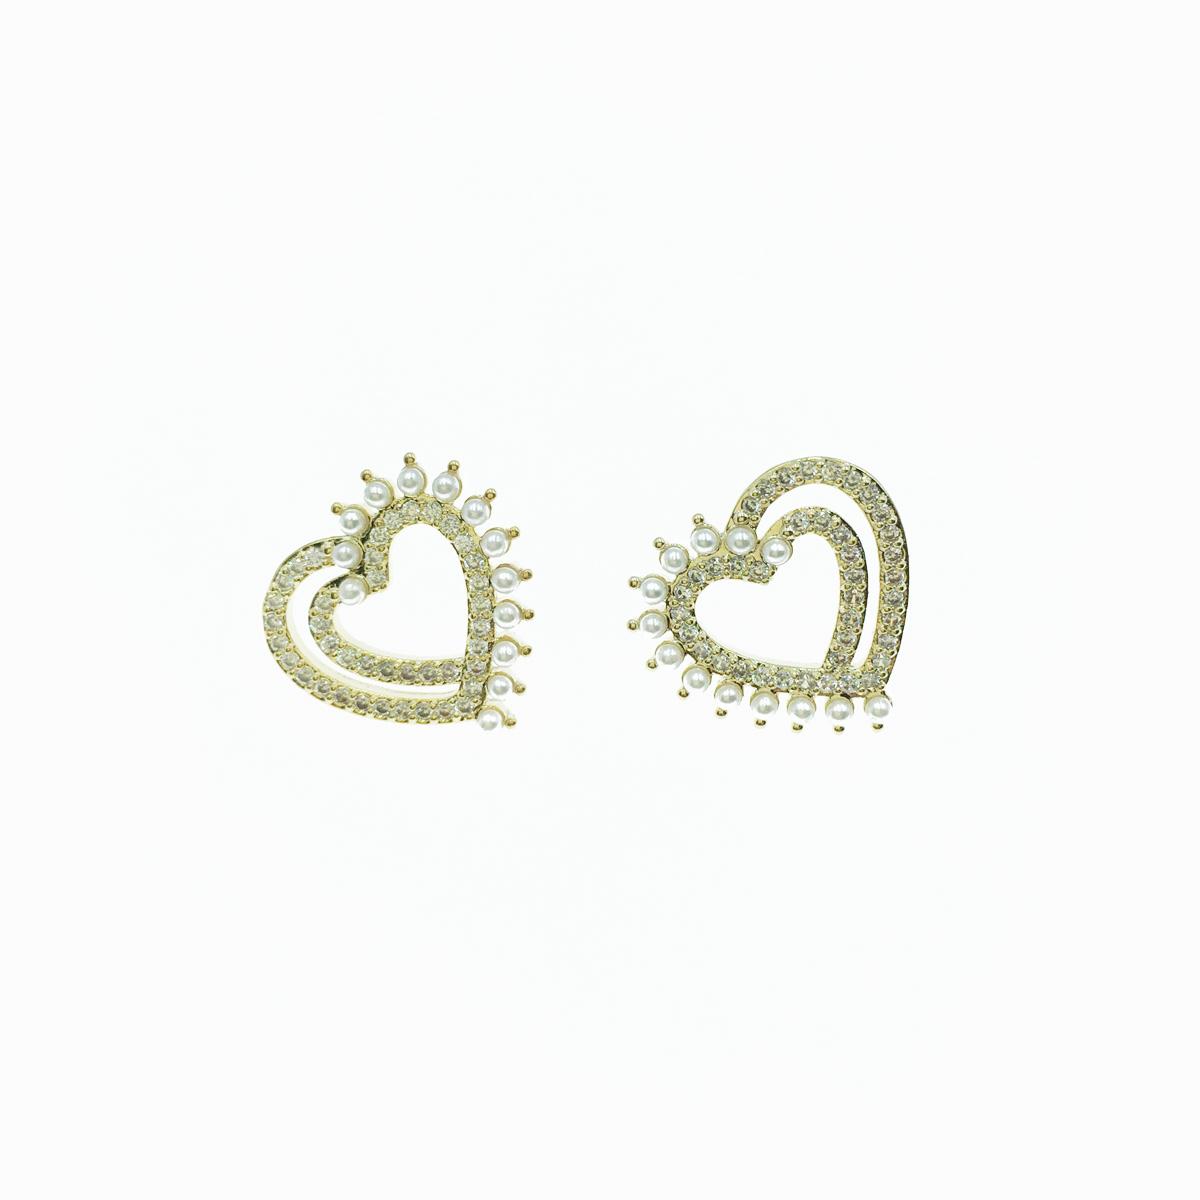 韓國 925純銀 線條愛心 鏤空 珍珠 水鑽 貼耳 耳針式 耳環